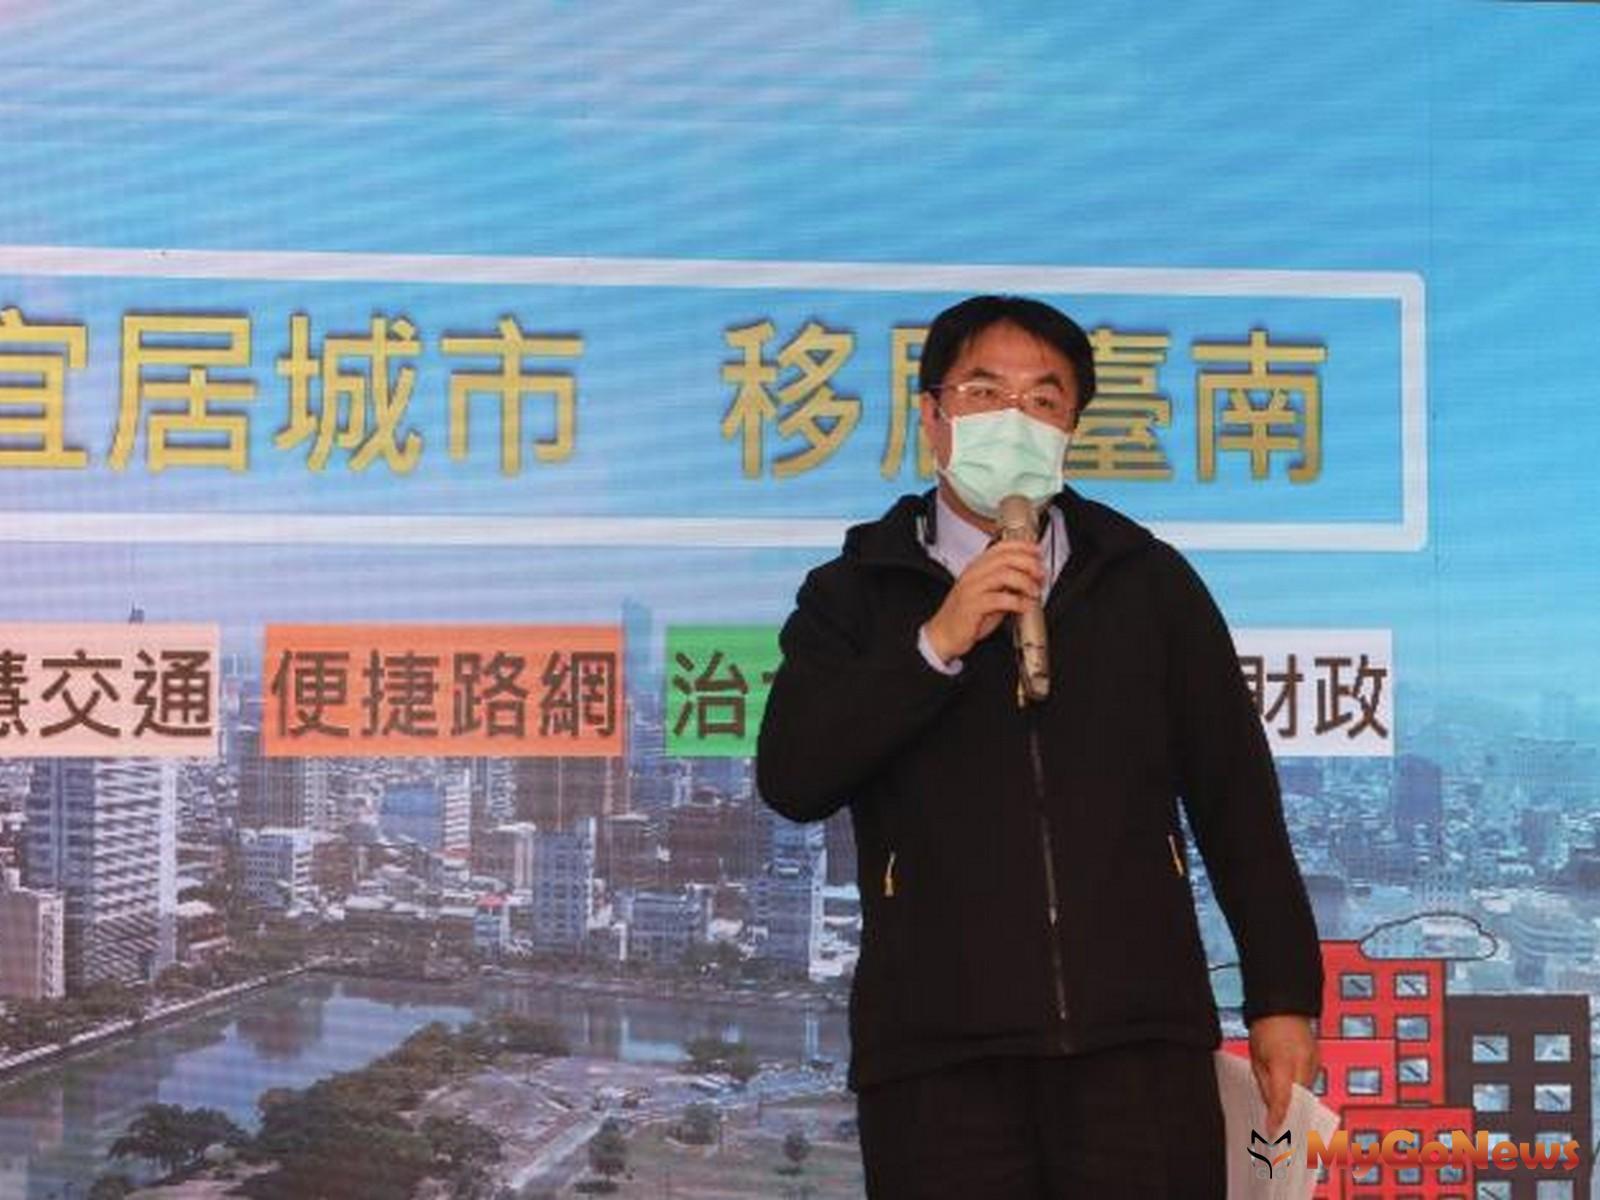 「房地合一稅及房屋稅修法」重點報告 ,黃偉哲強調台南是打擊炒房非針對自住 MyGoNews房地產新聞 區域情報